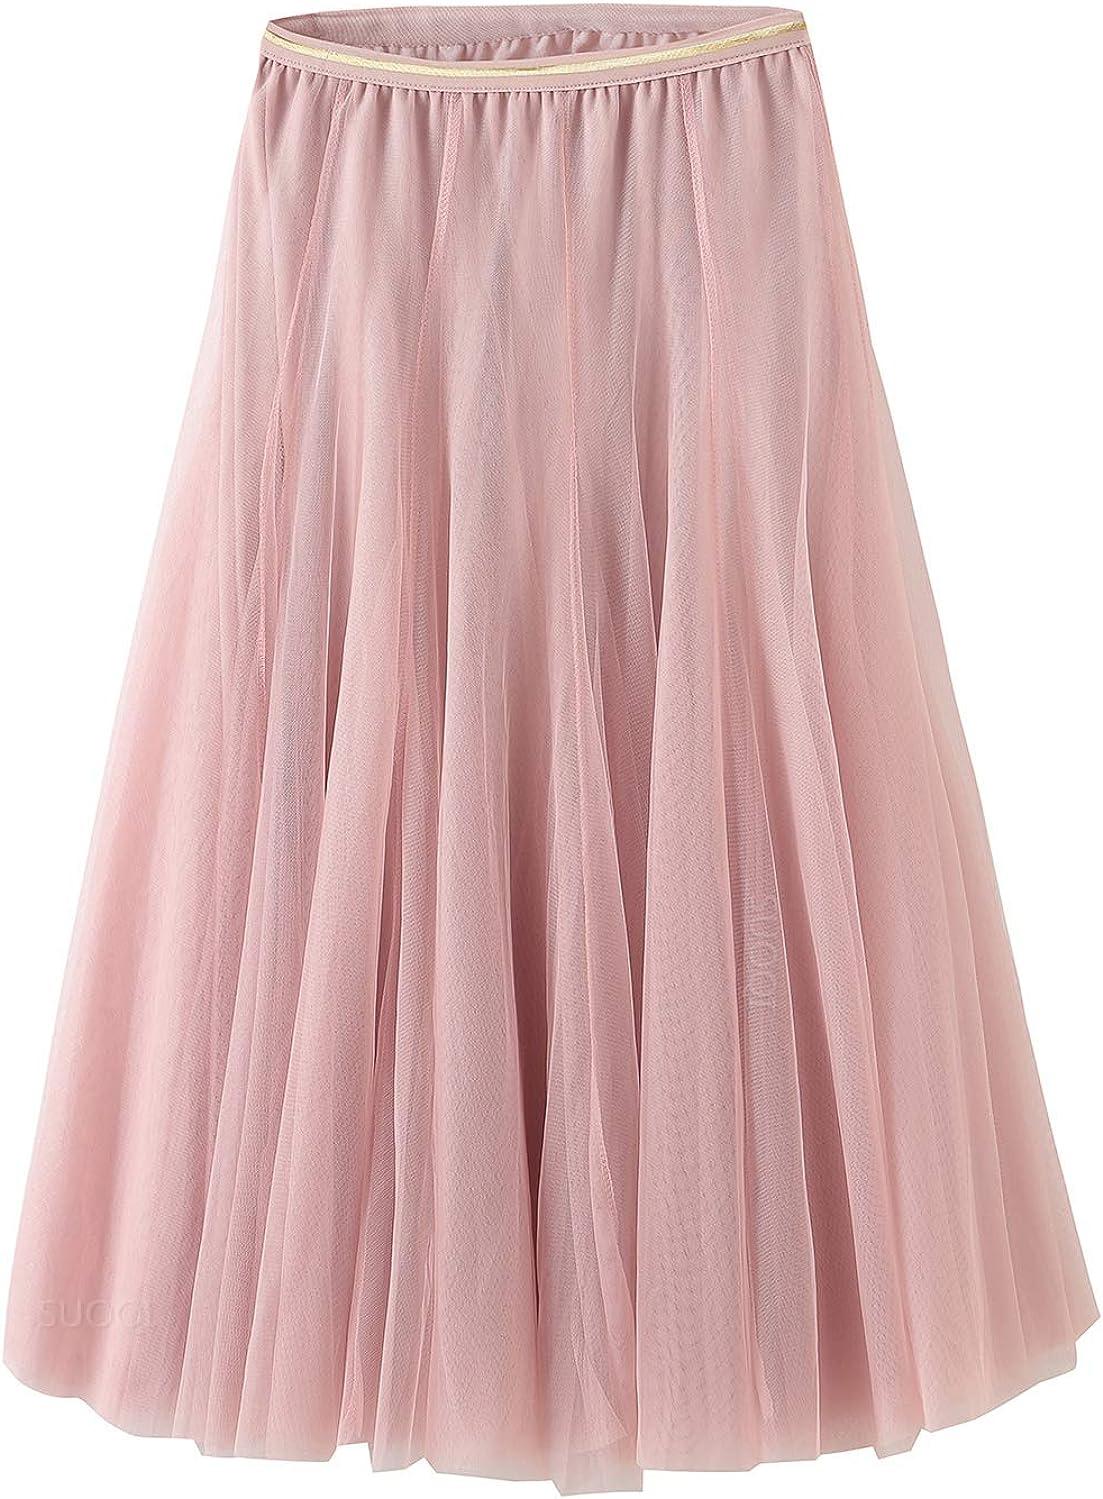 Tulle Skirt for Women Skirts Midi Length Tulle Skirt A-Line Knee Length Skirt High Waist Princess Skirt